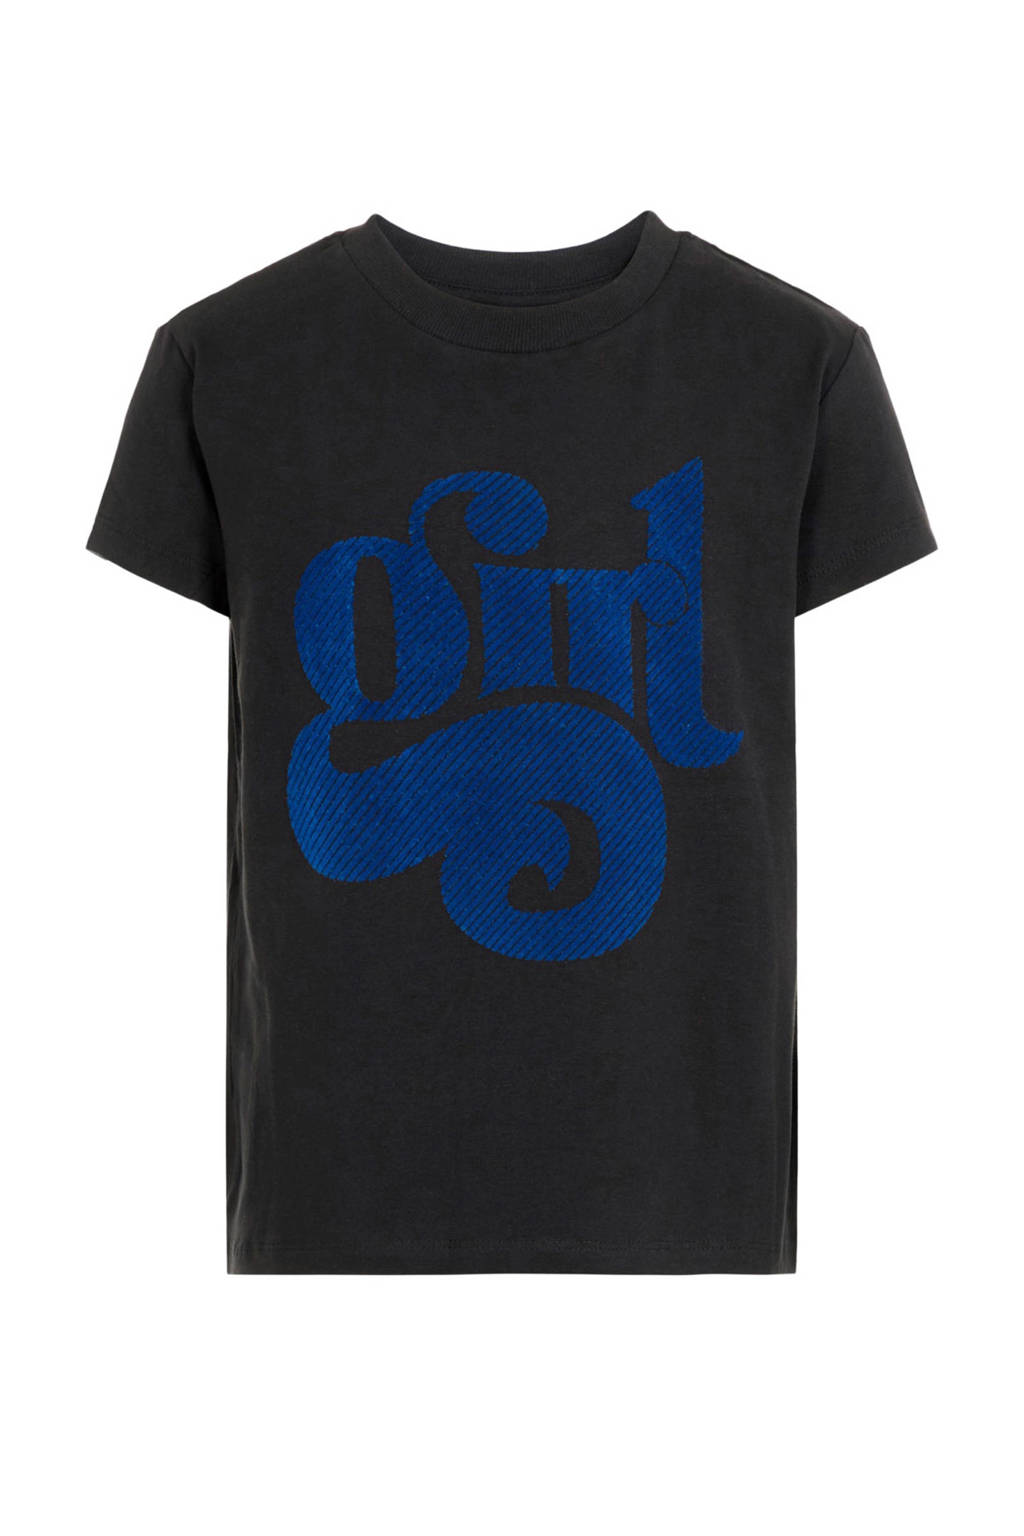 NAME IT KIDS T-shirt Nella met biologisch katoen zwart/blauw, Zwart/blauw